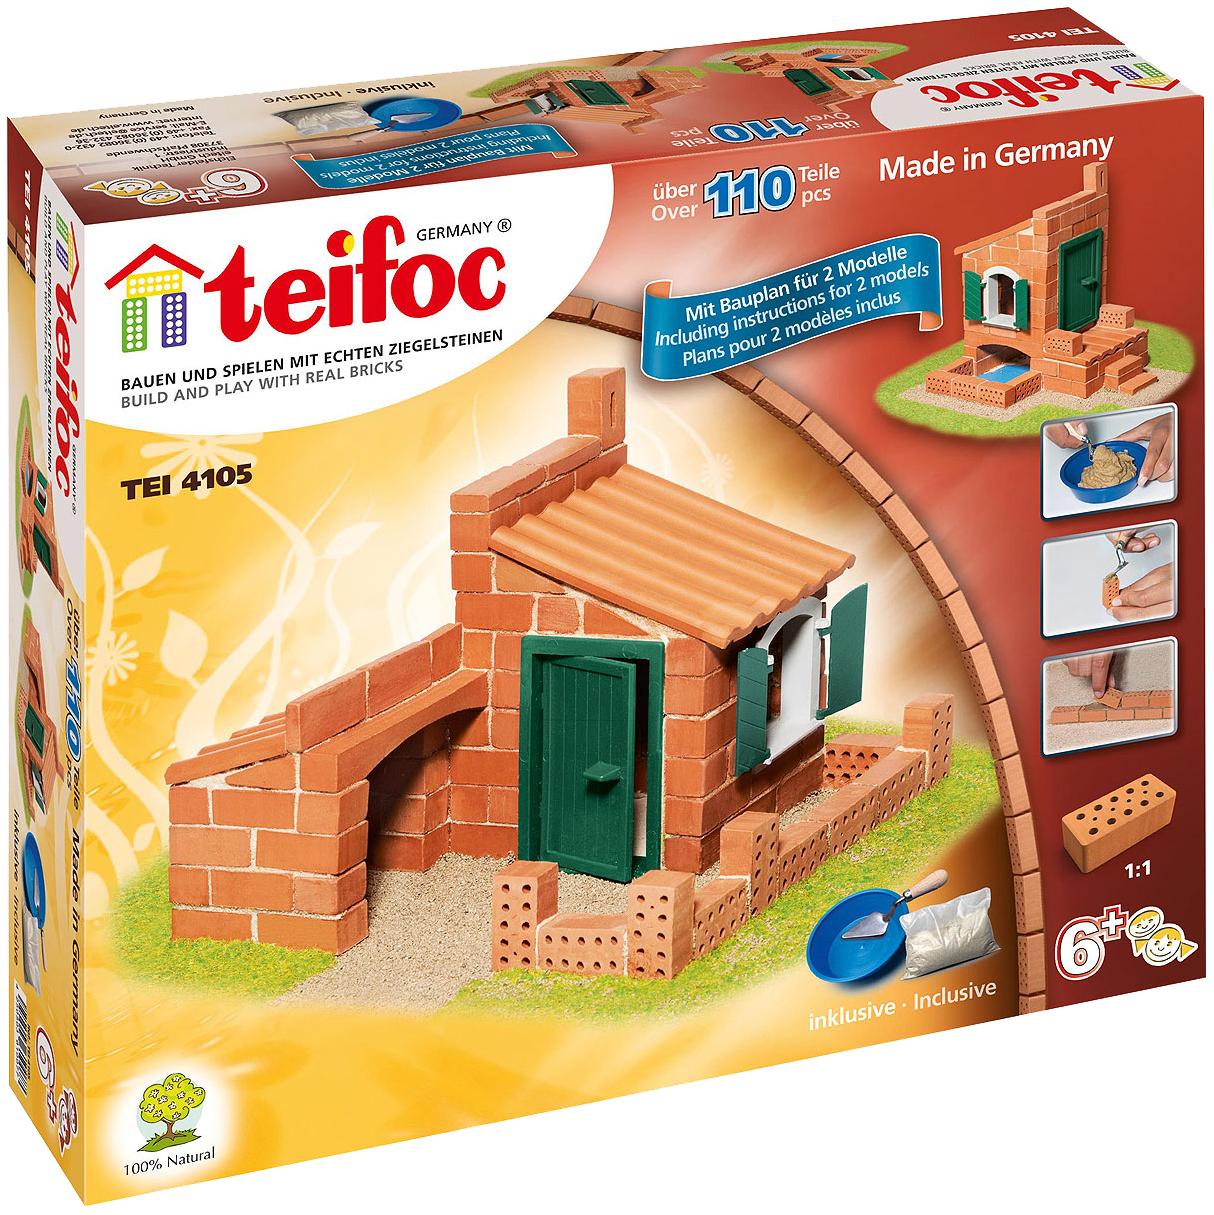 Купить Конструктор Teifoc Tei 4105 Дом 110 Деталей 2 Модели, Игровые наборы